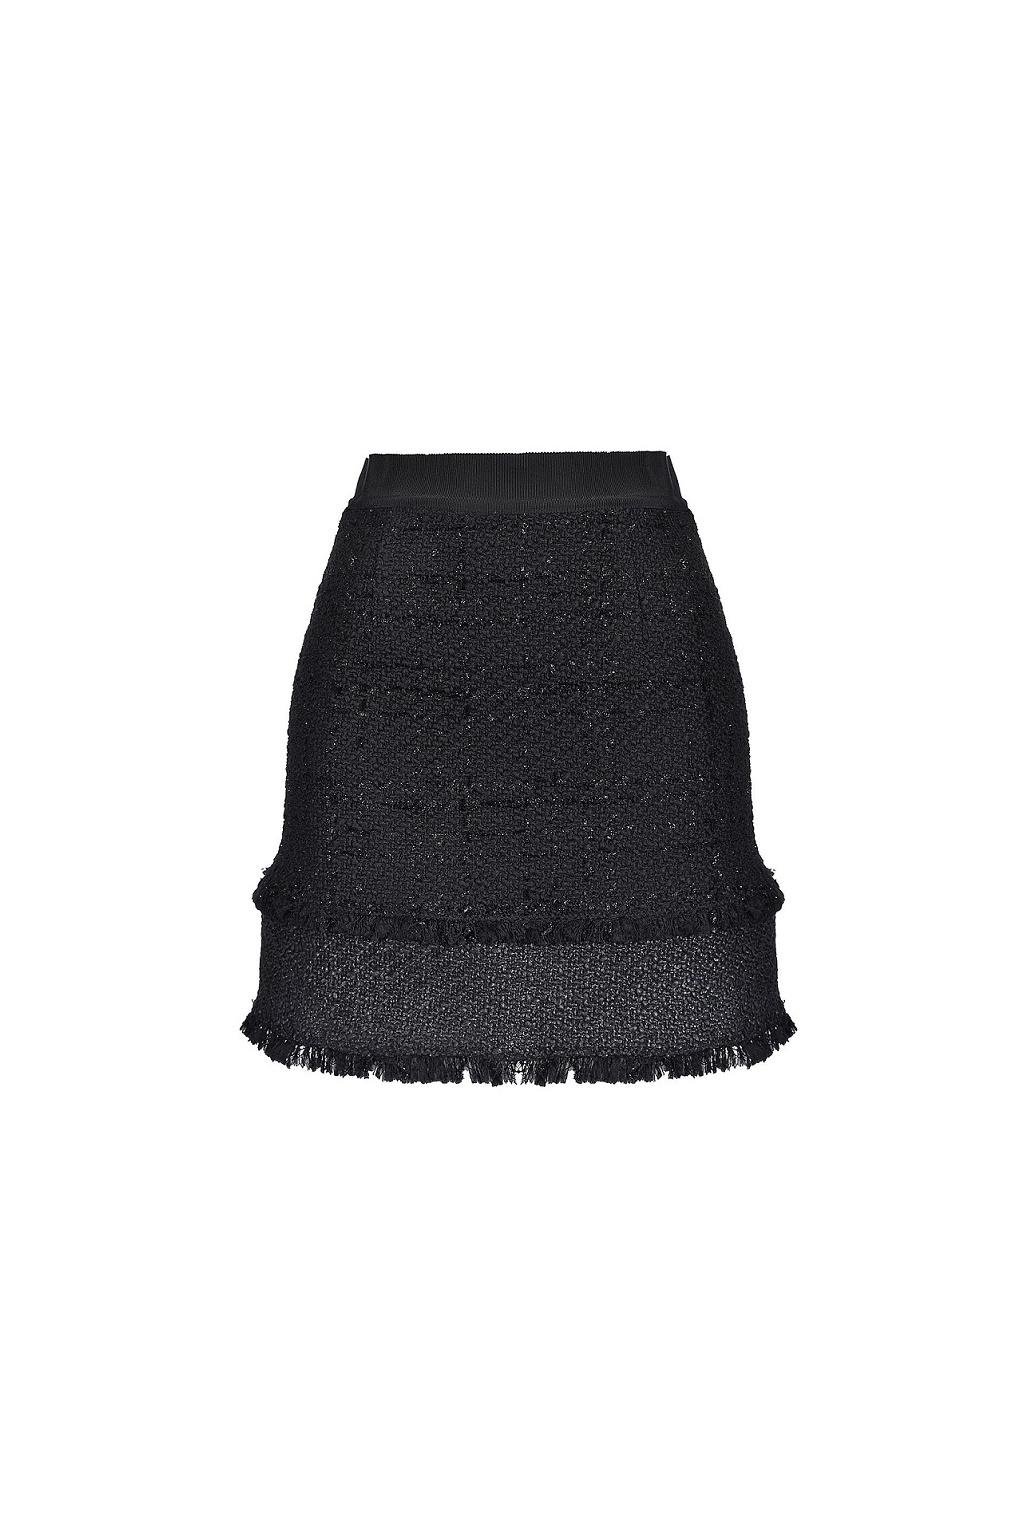 1G14J3 7700 Dámská sukně Pinko Rafforzare černá